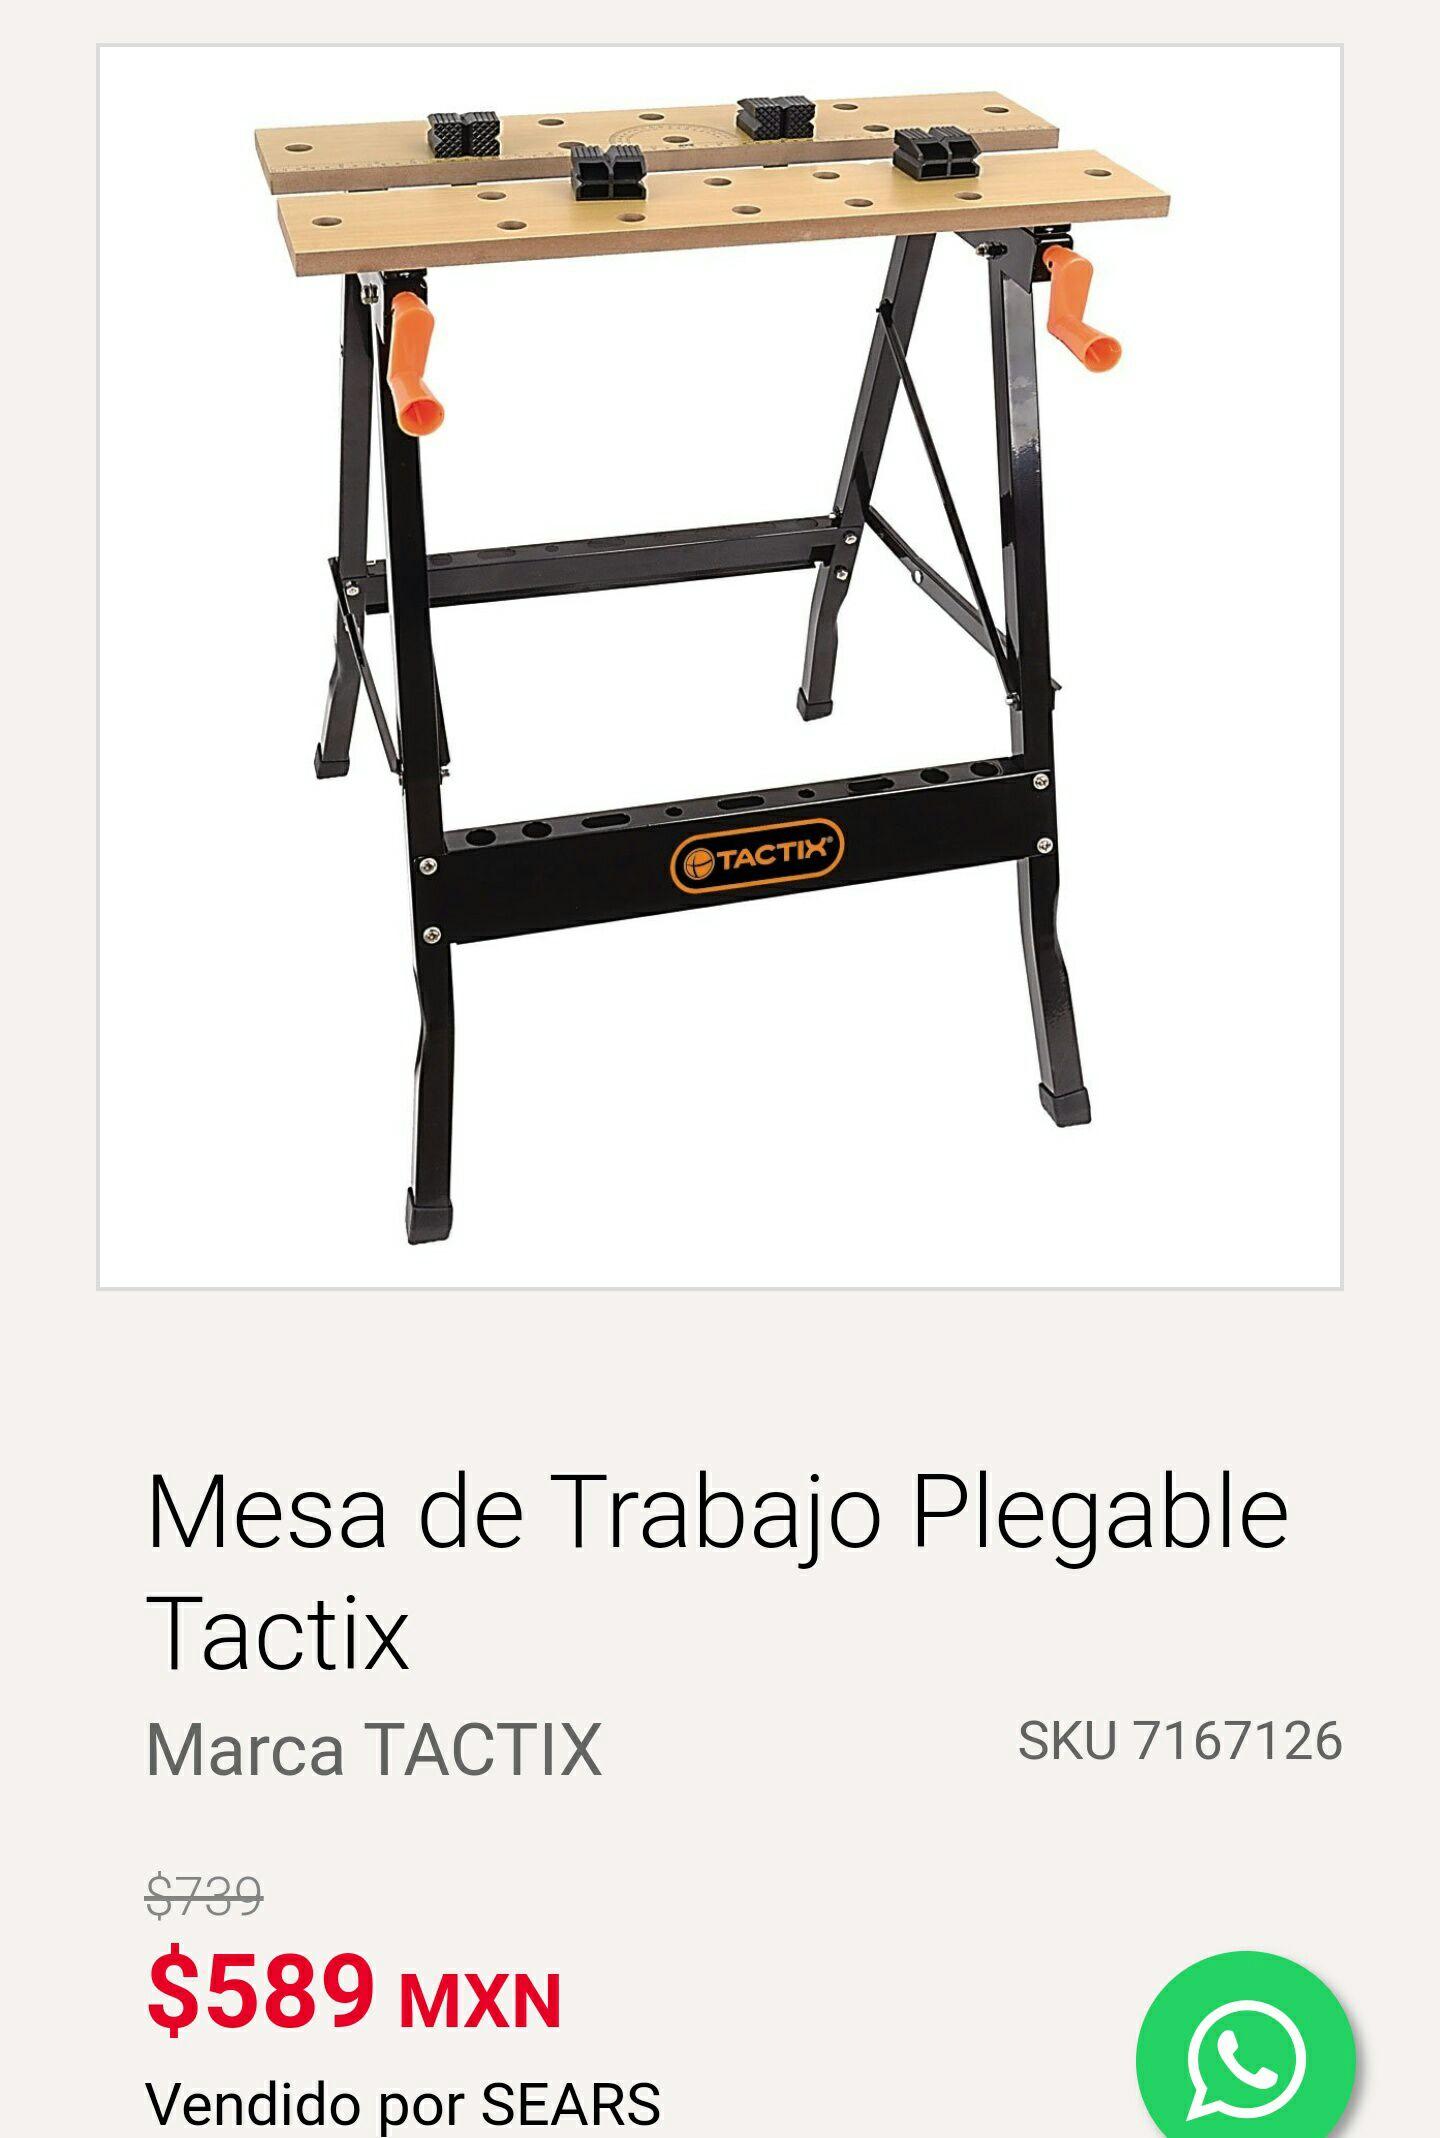 Sears: Mesa de Trabajo Plegable Tactix